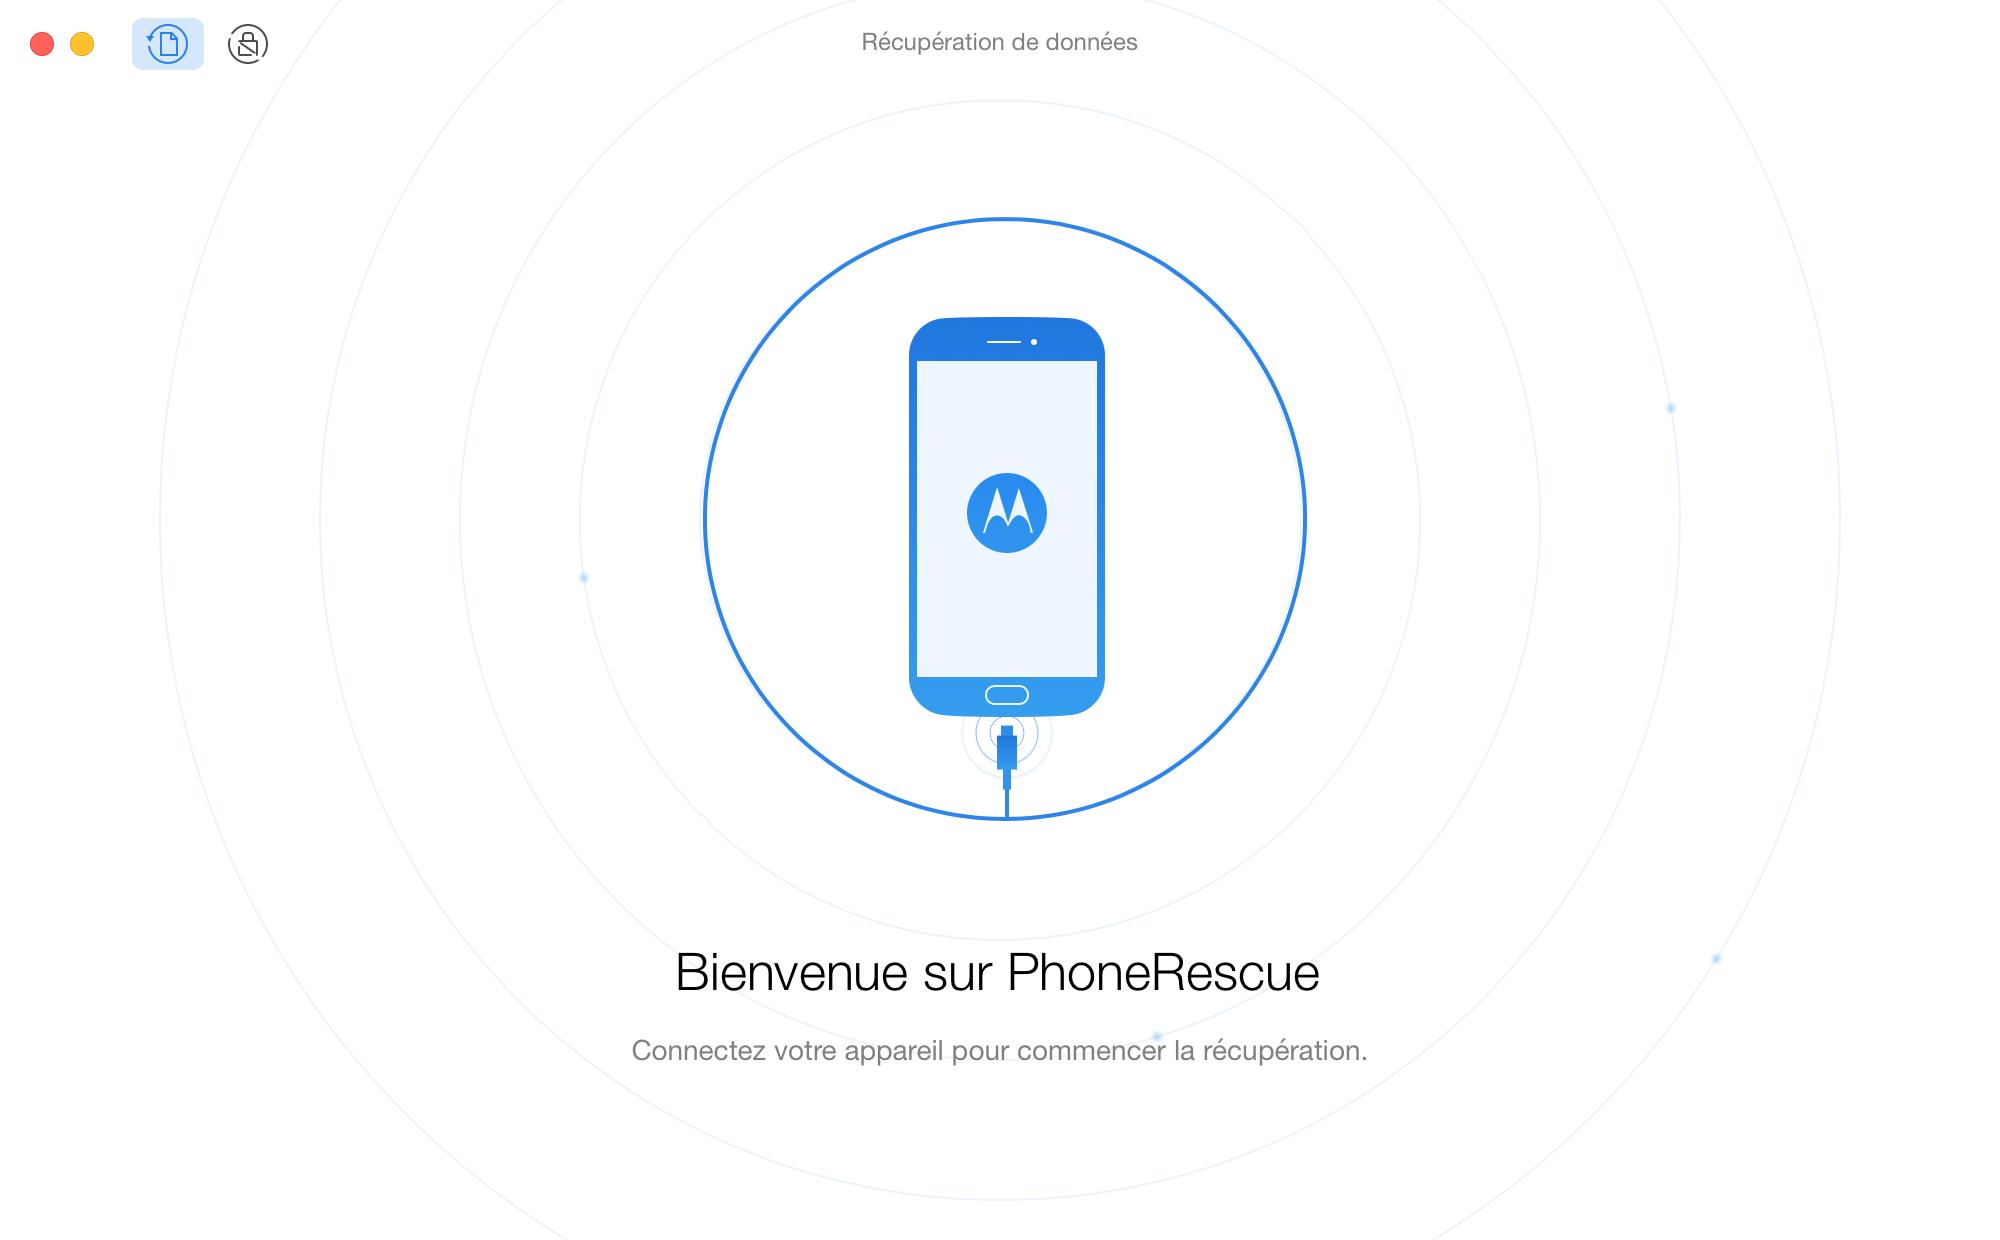 Interface d'accueil de PhoneRescue pour MOTOROLA